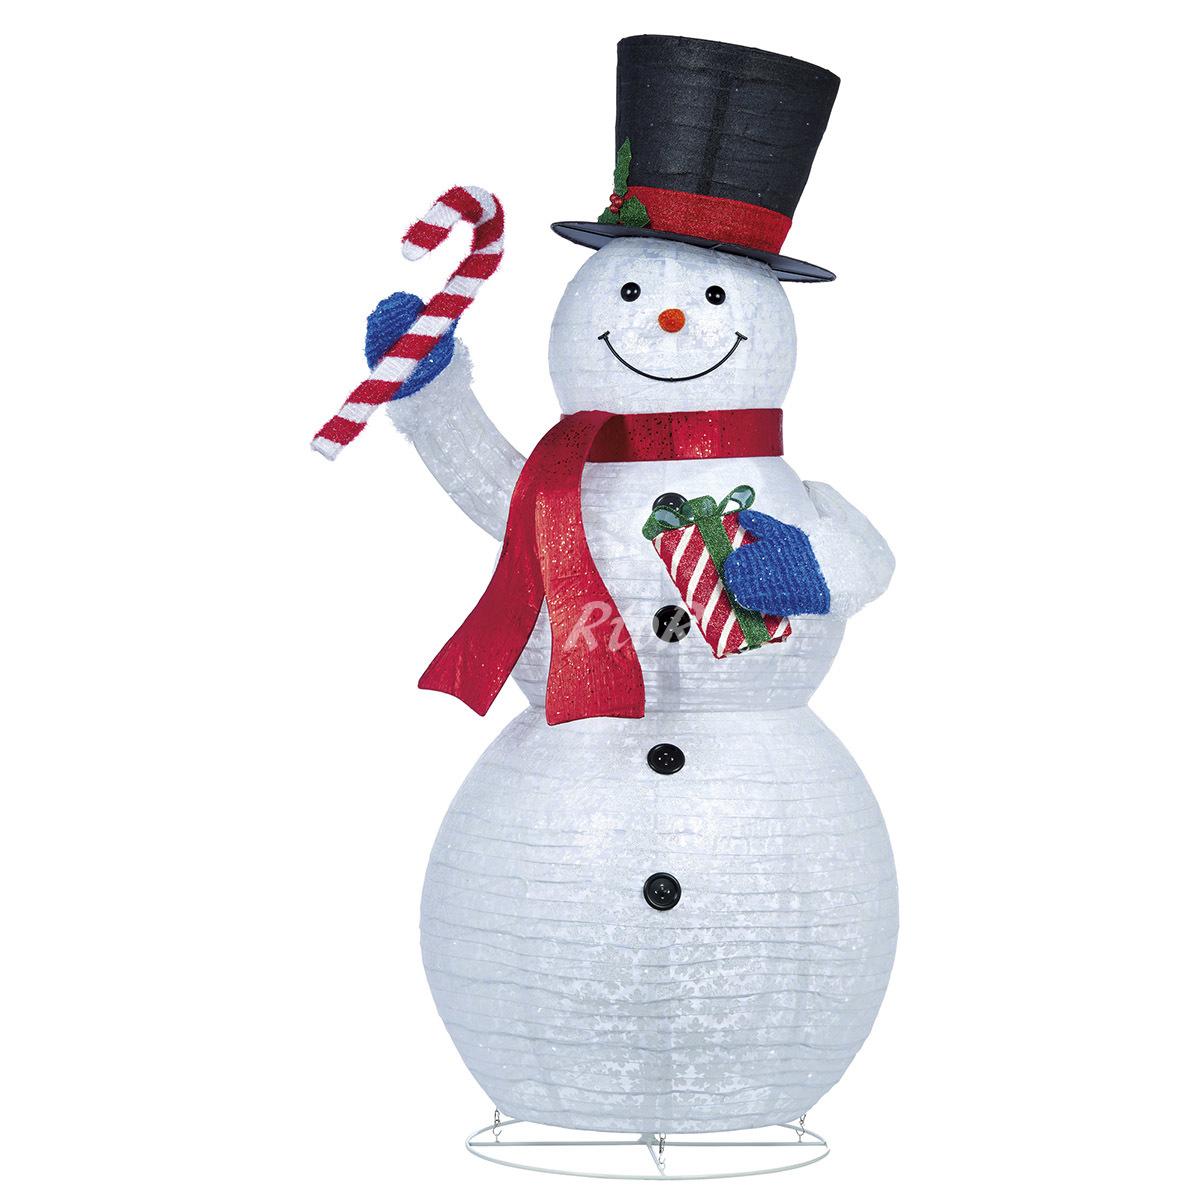 【送料無料】ポップアップ スノーマン 約213cm LED電球約330球付き SNOWMAN クリスマス イルミネーション